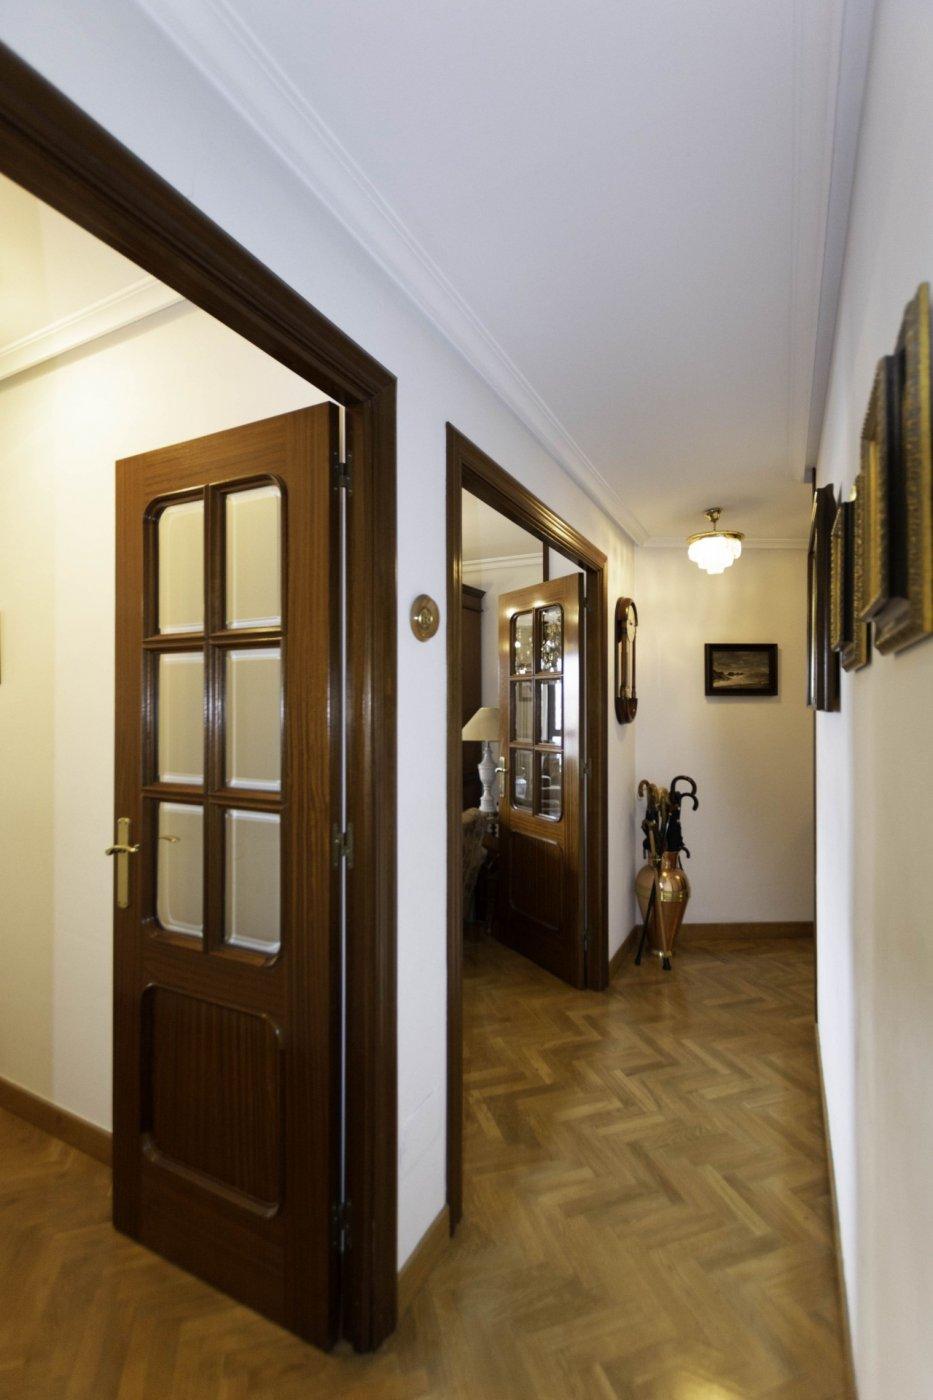 Tres habitaciones con garaje y trastero a dos minutos caminando de la calle uría. - imagenInmueble15